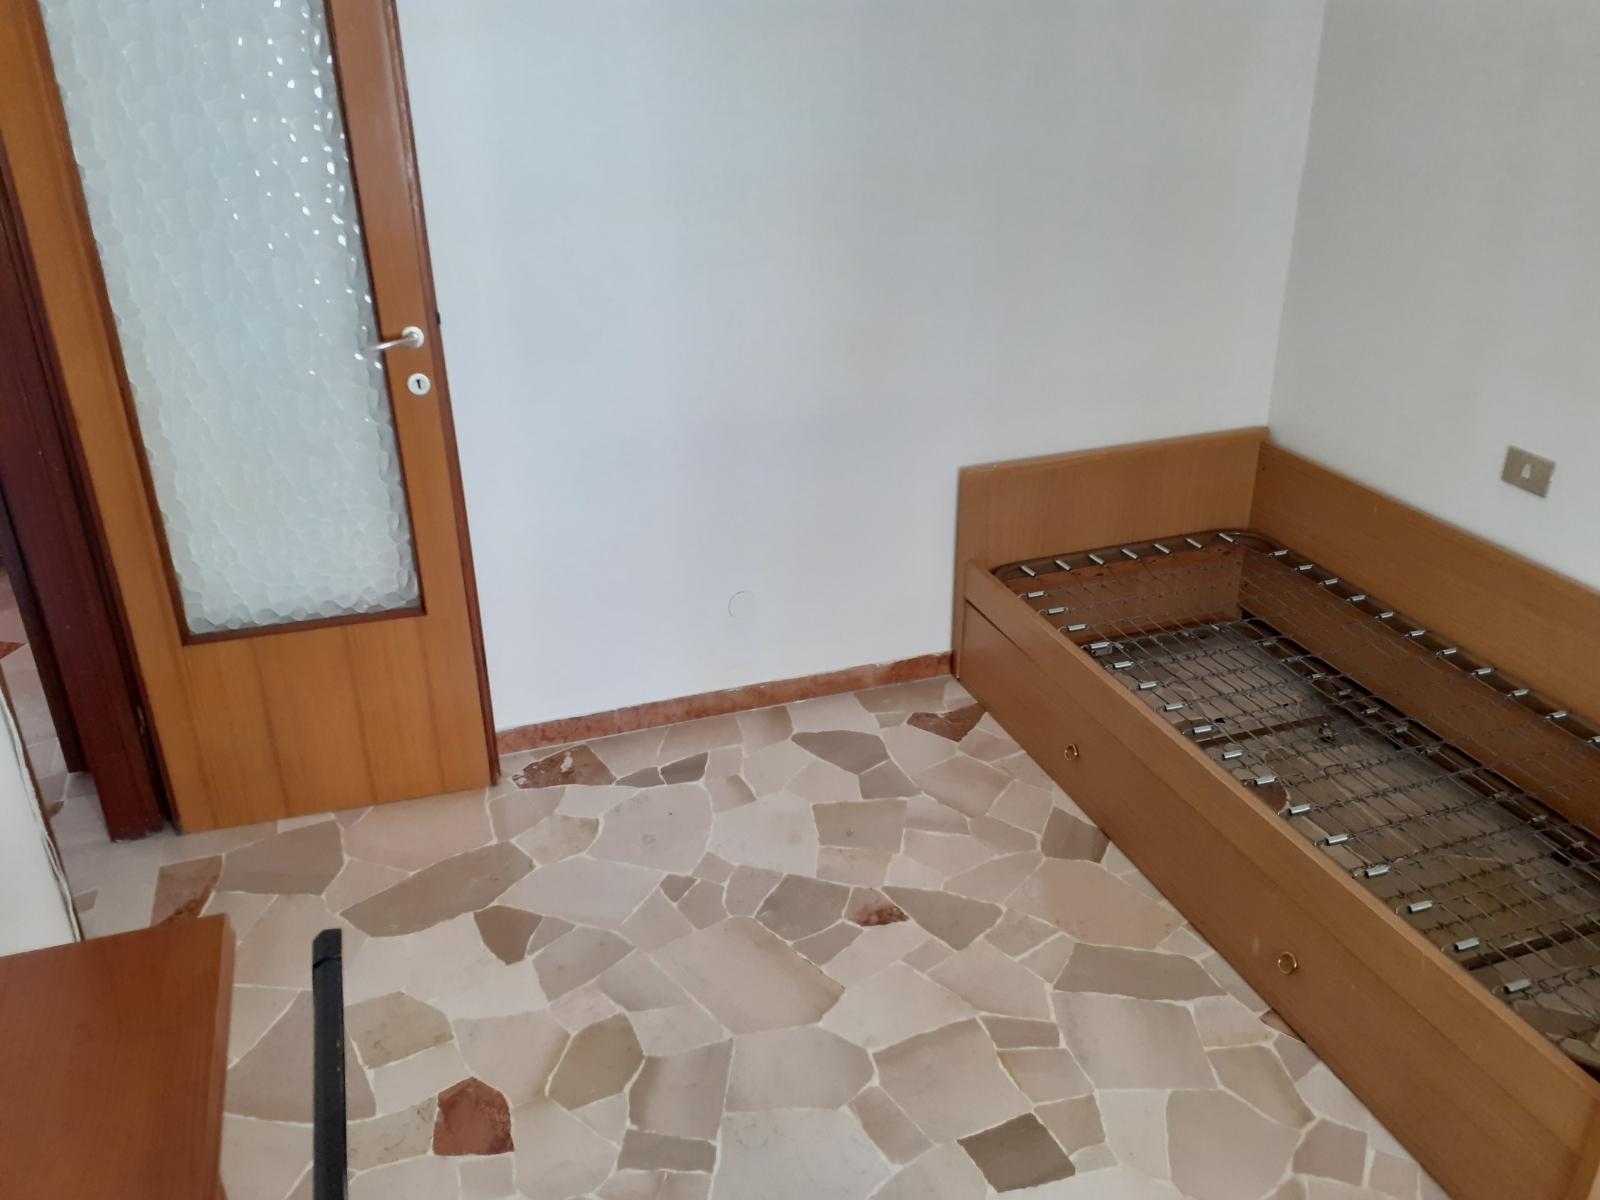 appartamento-in-vendita-a-cornaredo-milano-3-locali-trilocale-spaziourbano-immobiliare-vende-2